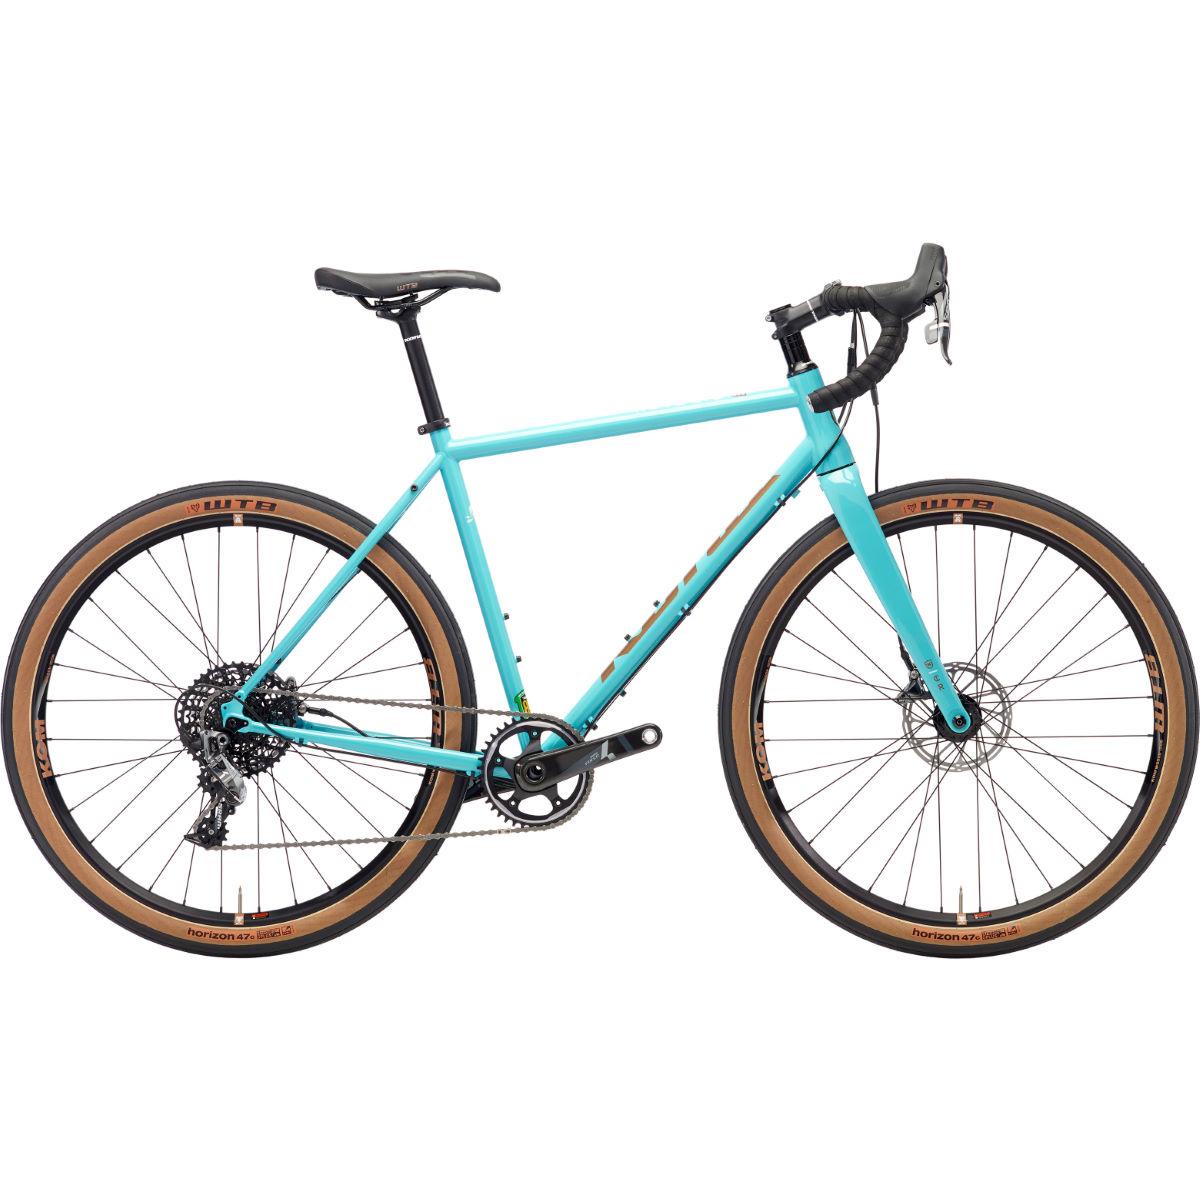 Kona Rove LTD 2018 Bikes